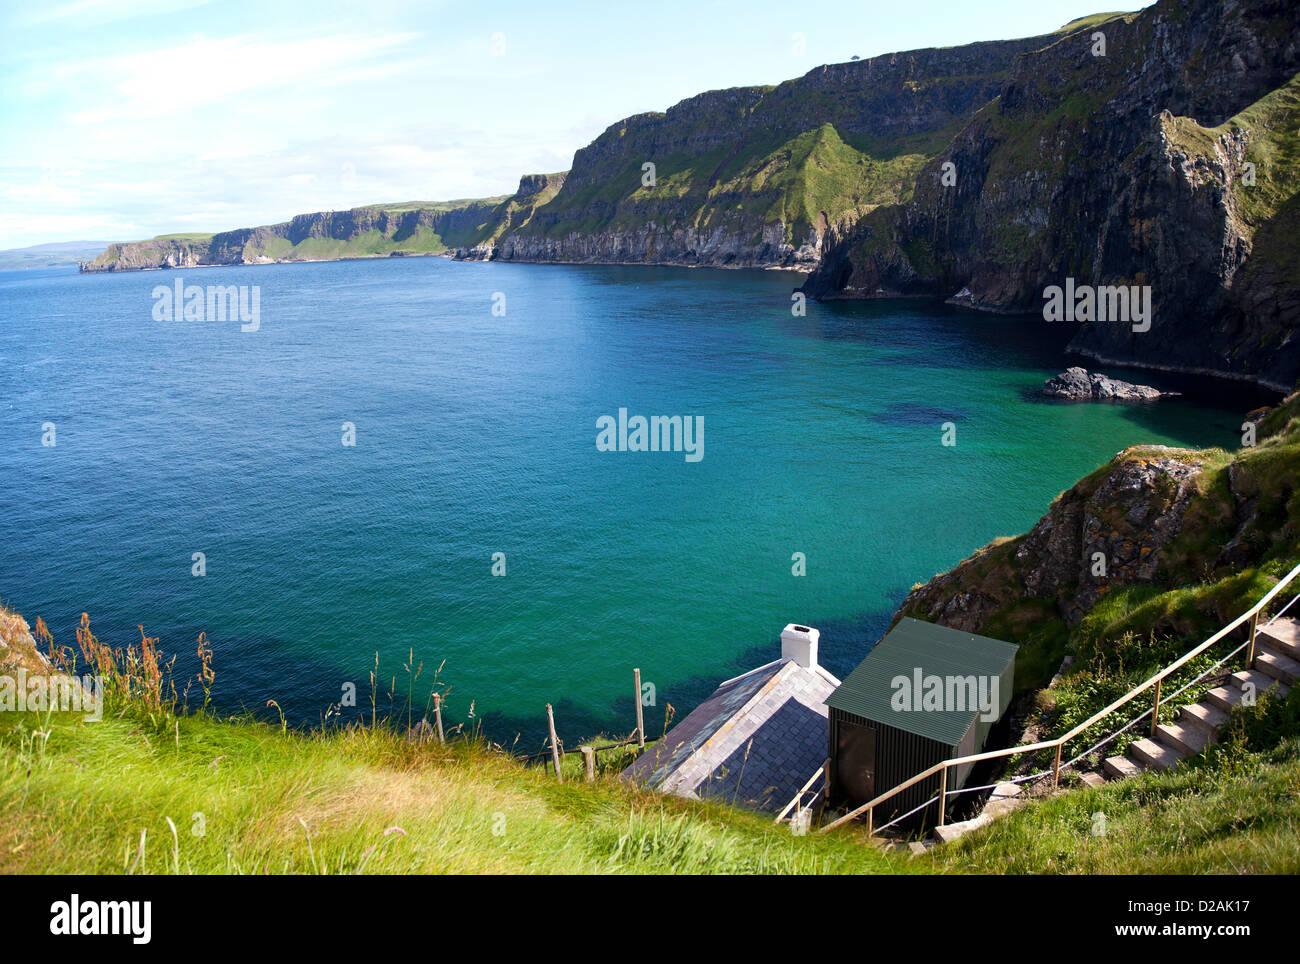 Schönste Bucht am Atlantik in Irland Stockbild